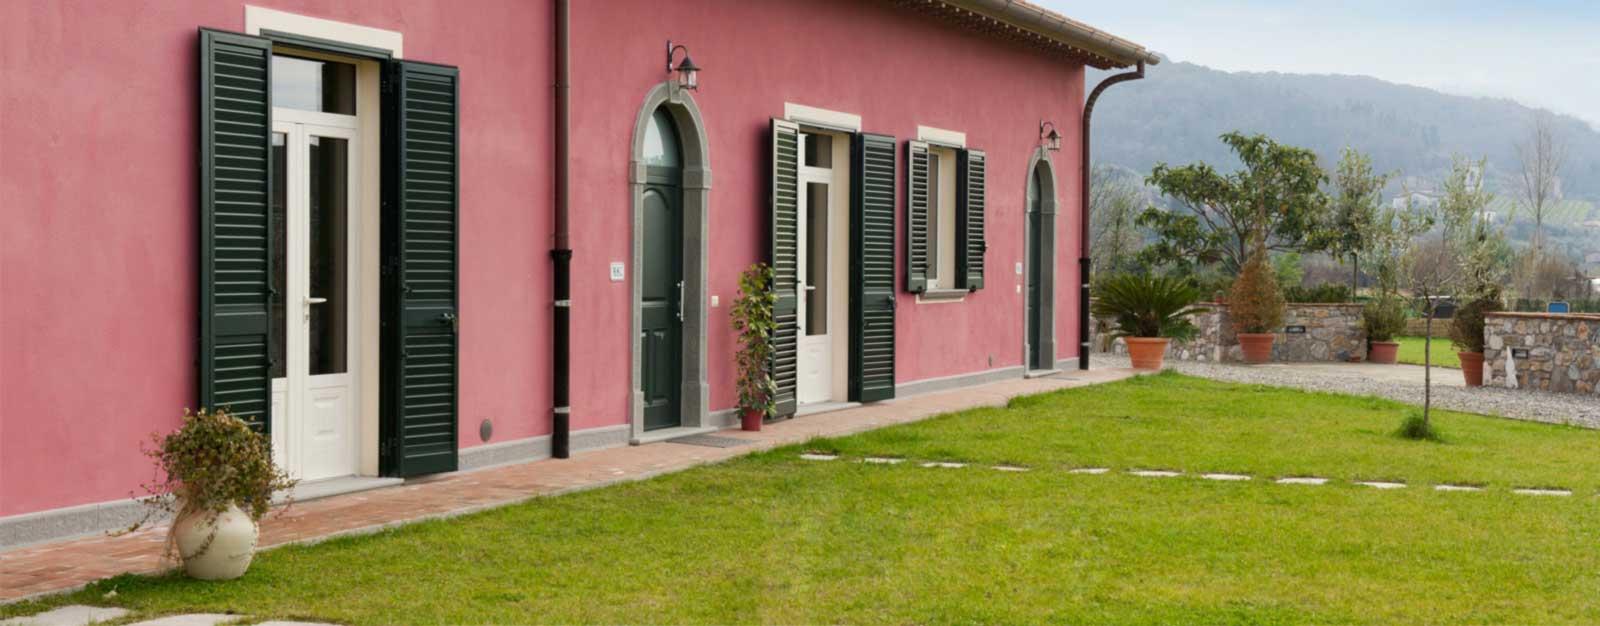 Colori per case esterne e colore per riuscire a vendere o - Colore esterno casa ...